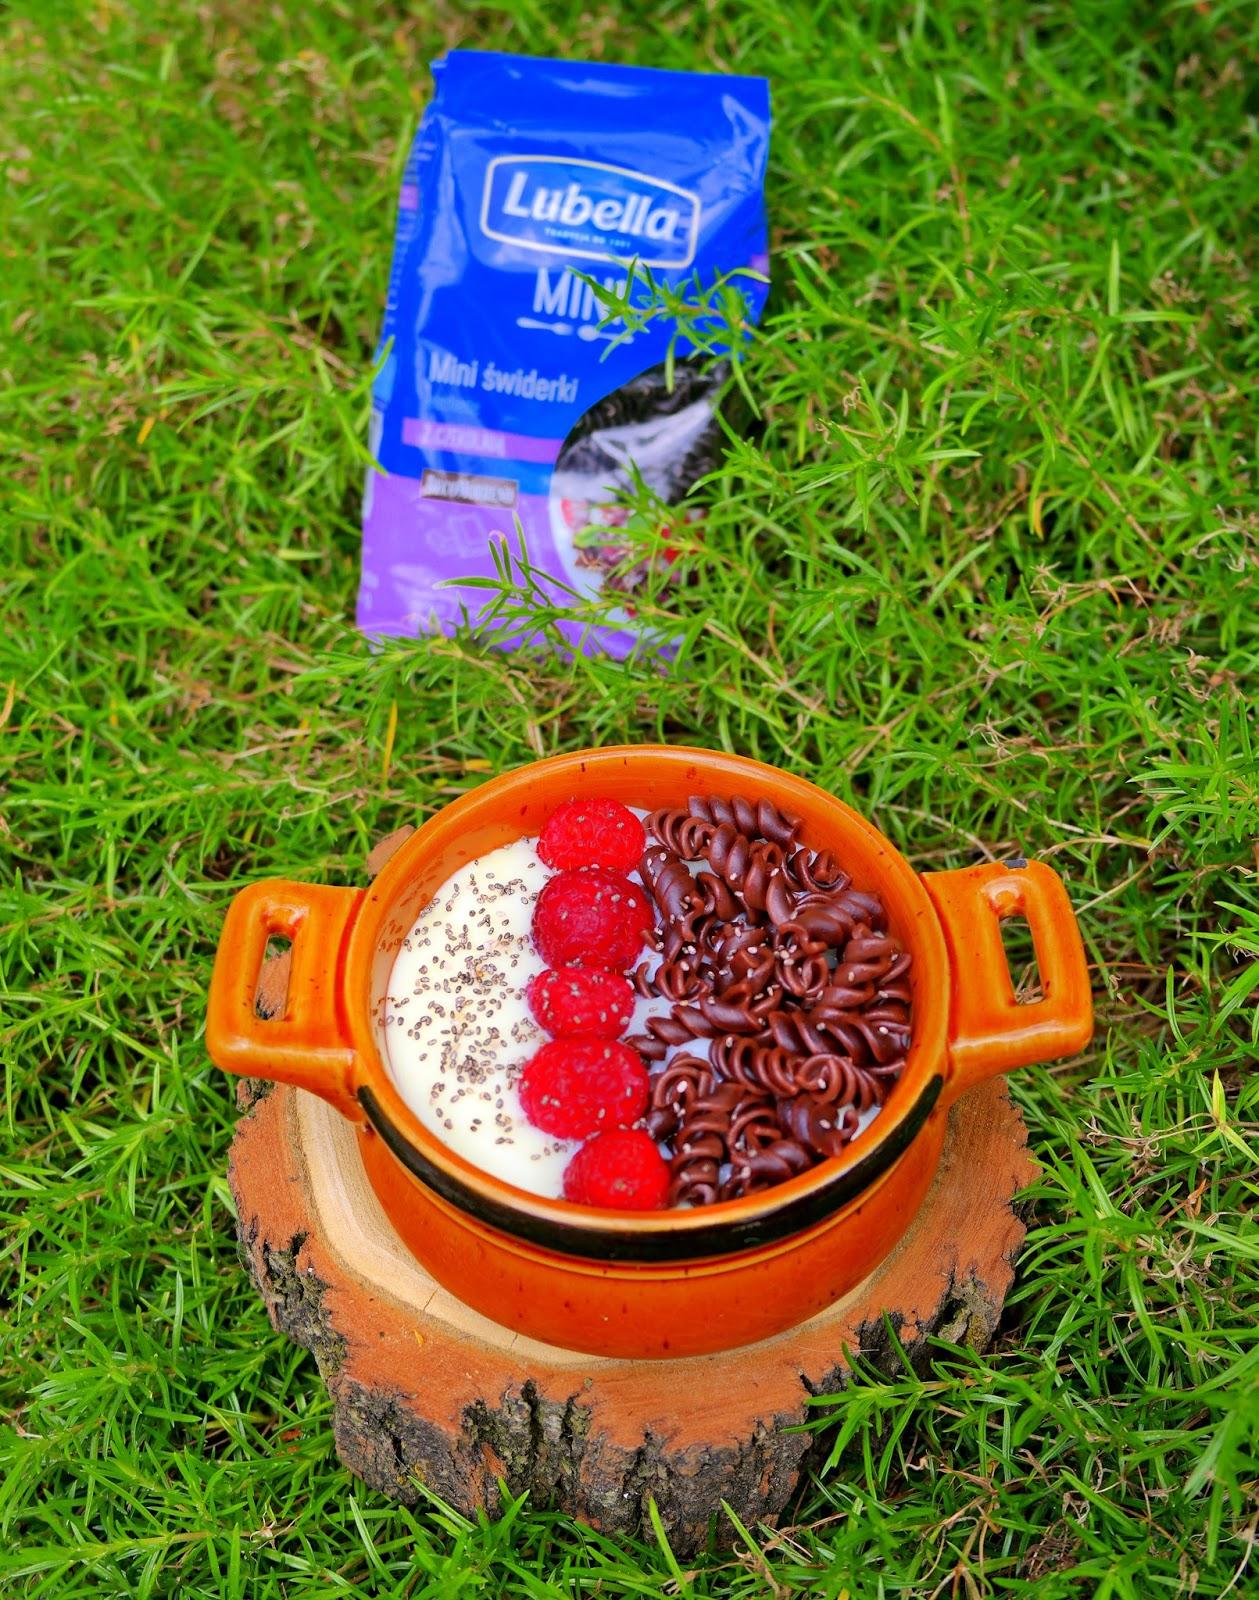 Domowy budyń śmietankowy z makaronem czekoladowym i malinami